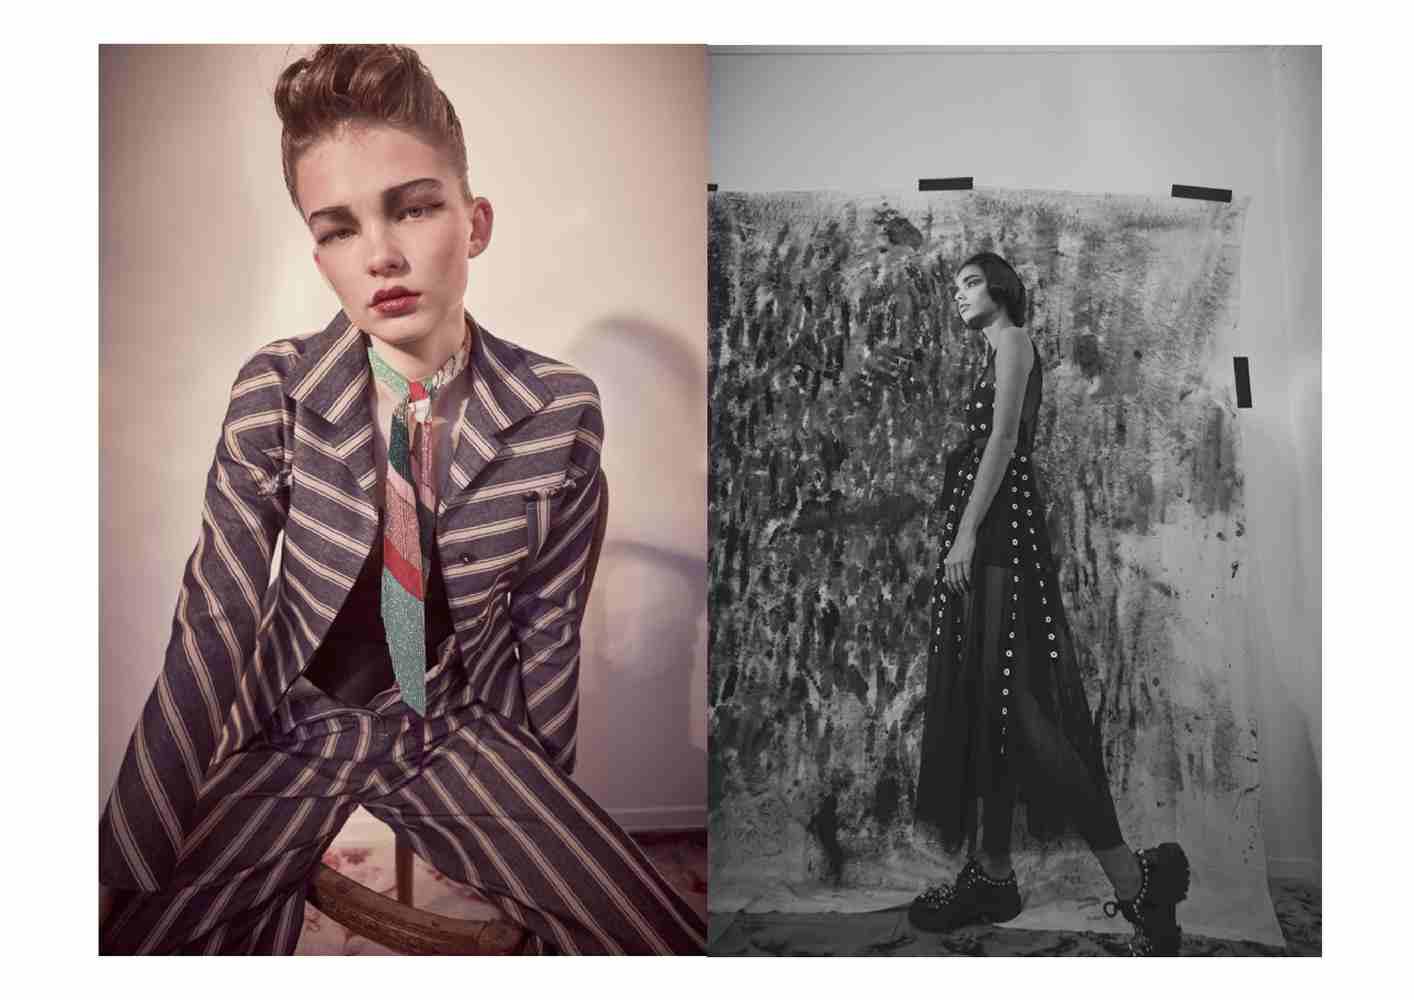 Elisabetta Cavatorta Stylist - Atelier D'artiste - Chiara Romagnoli - Mia Le Journal